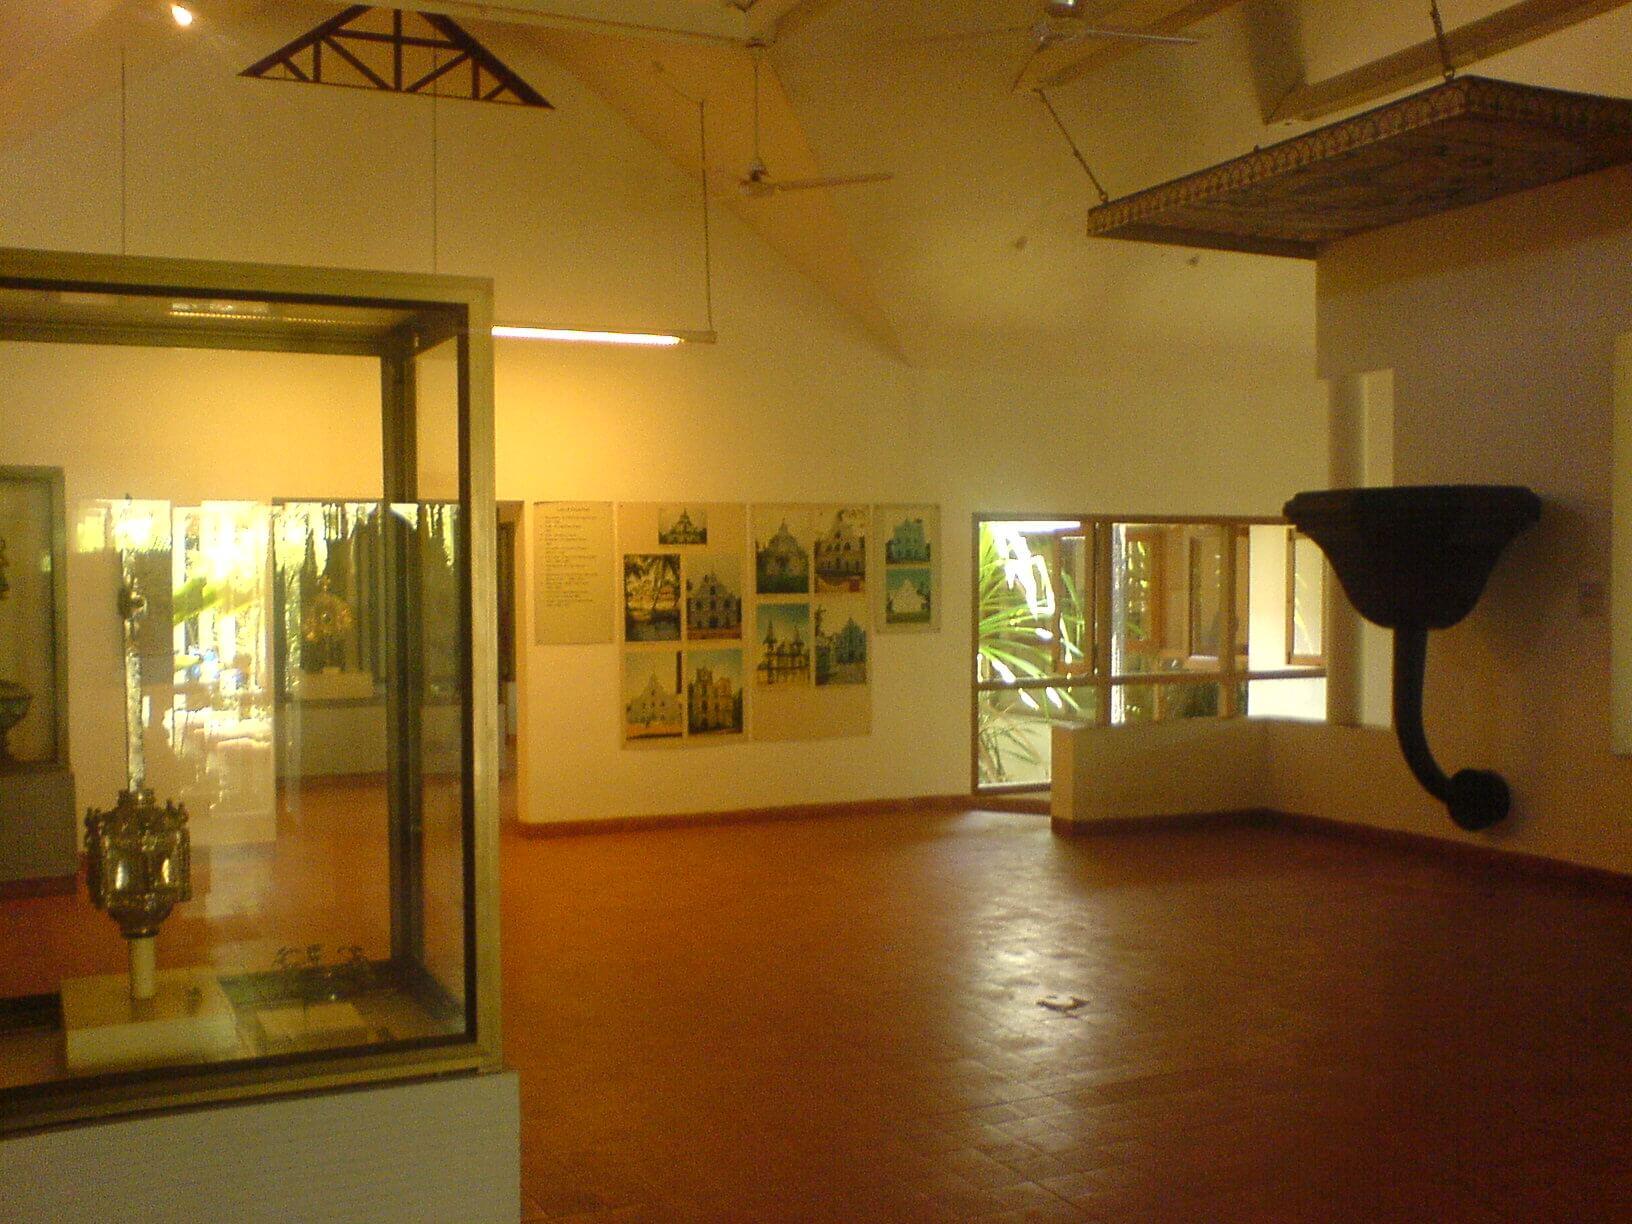 a Portuguese museum in Kochi